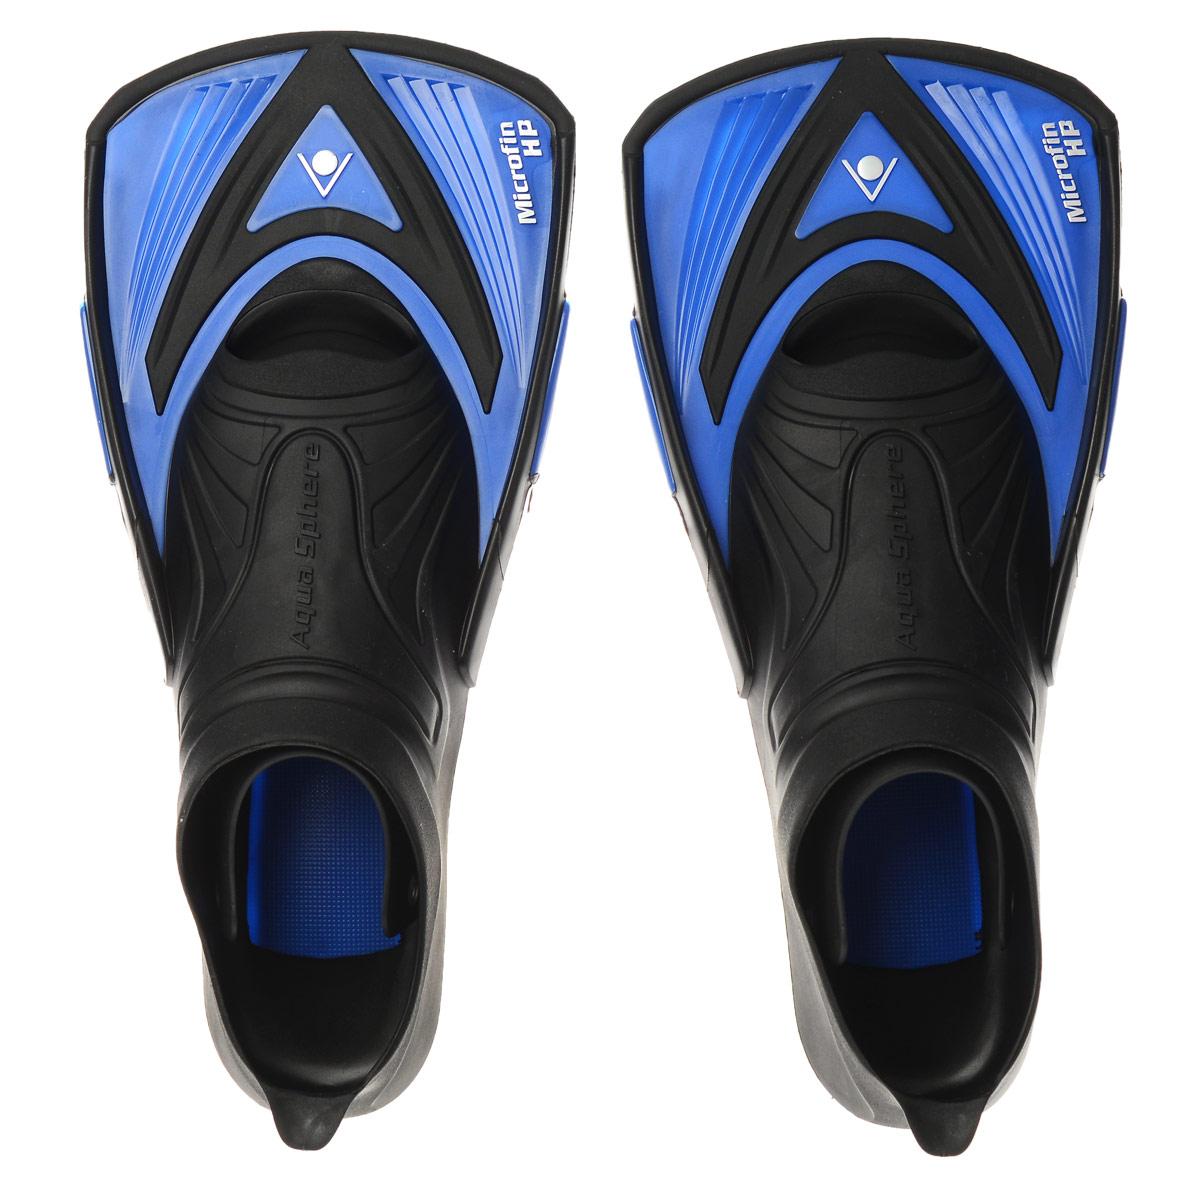 Ласты тренировочные Aqua Sphere Microfin HP, цвет: синий. Размер 46/47TN 221430 (205420)Aqua Sphere Microfin HP - это ласты для энергичной манеры плавания, предназначенные для серьезных спортивных тренировок. Уникальный дизайн ласт обеспечивает достаточное сопротивление воды для силовых тренировок и поддерживает ноги близко к поверхности воды - таким образом, пловец занимает правильное положение, гарантирующее максимальную обтекаемость. Особенности:Галоша с закрытой пяткой выполнена из прочного термопластика.Короткие лопасти удерживают ноги пловца близко к поверхности воды.Позволяют развивать силу мышц и поддерживать их в тонусе, одновременно совершенствуя технику плавания.